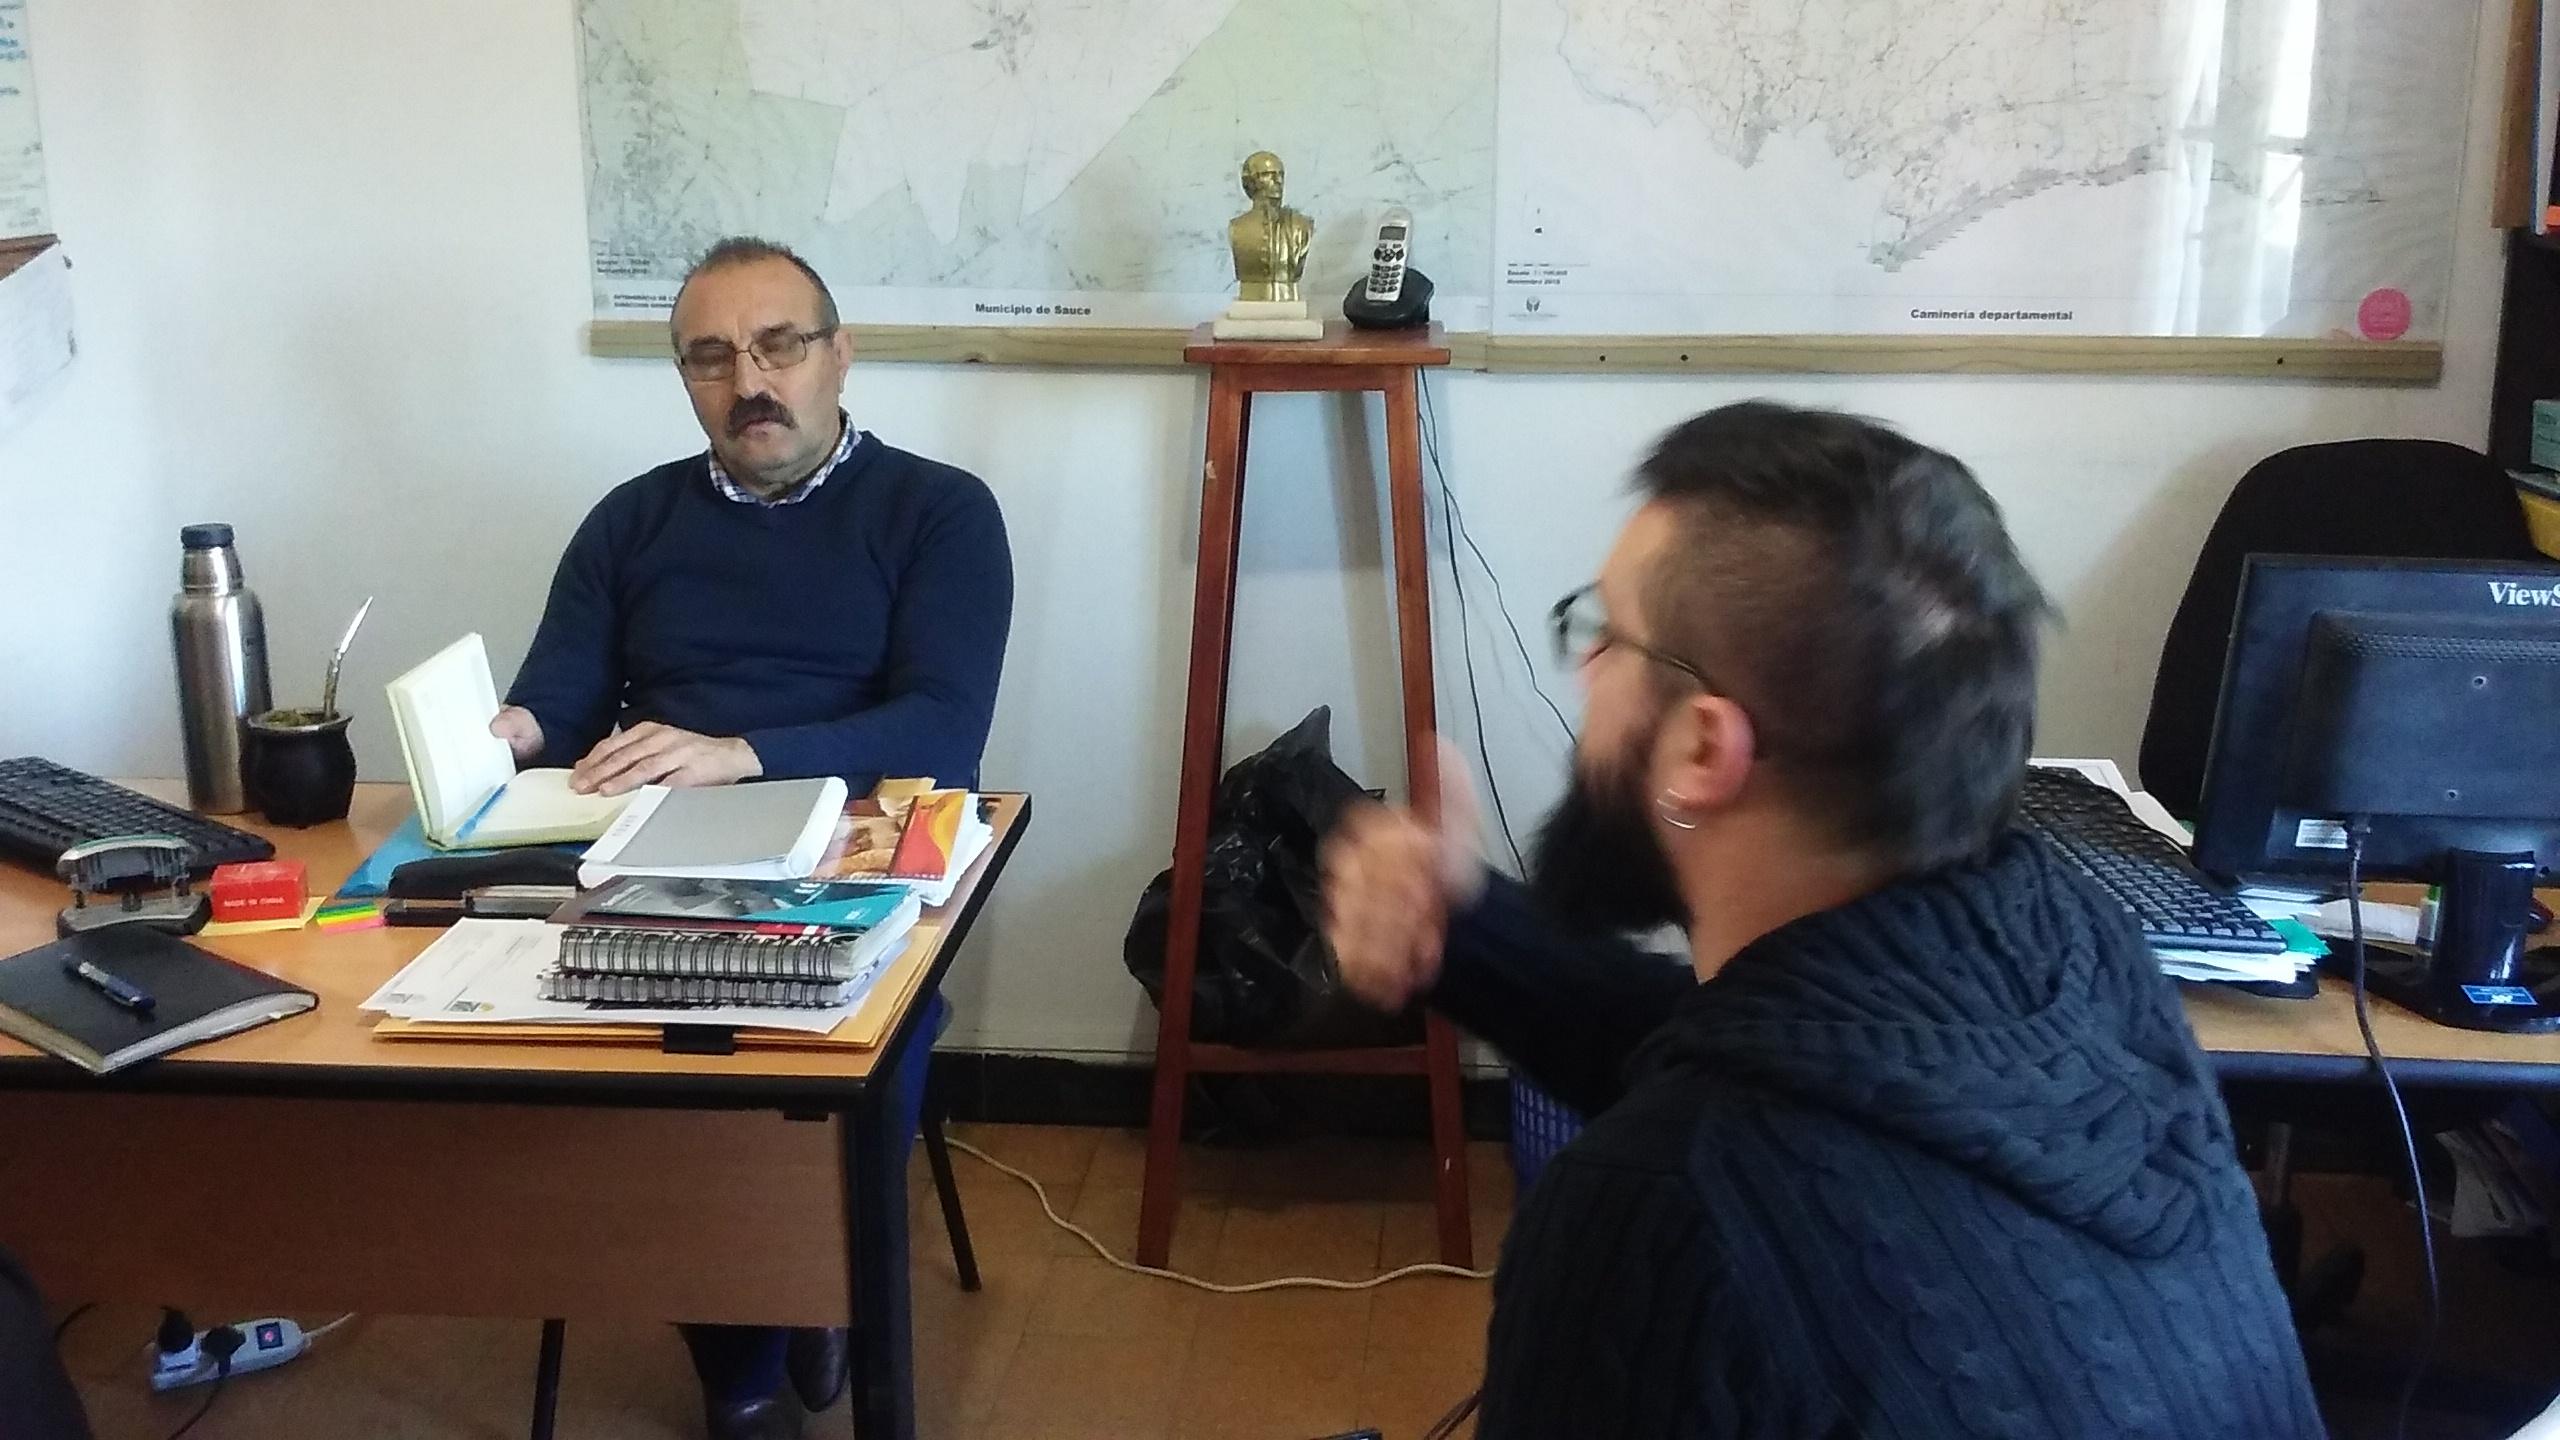 Alcalde Albderto Giannastasio, Director de Cultura Manuel Melendez